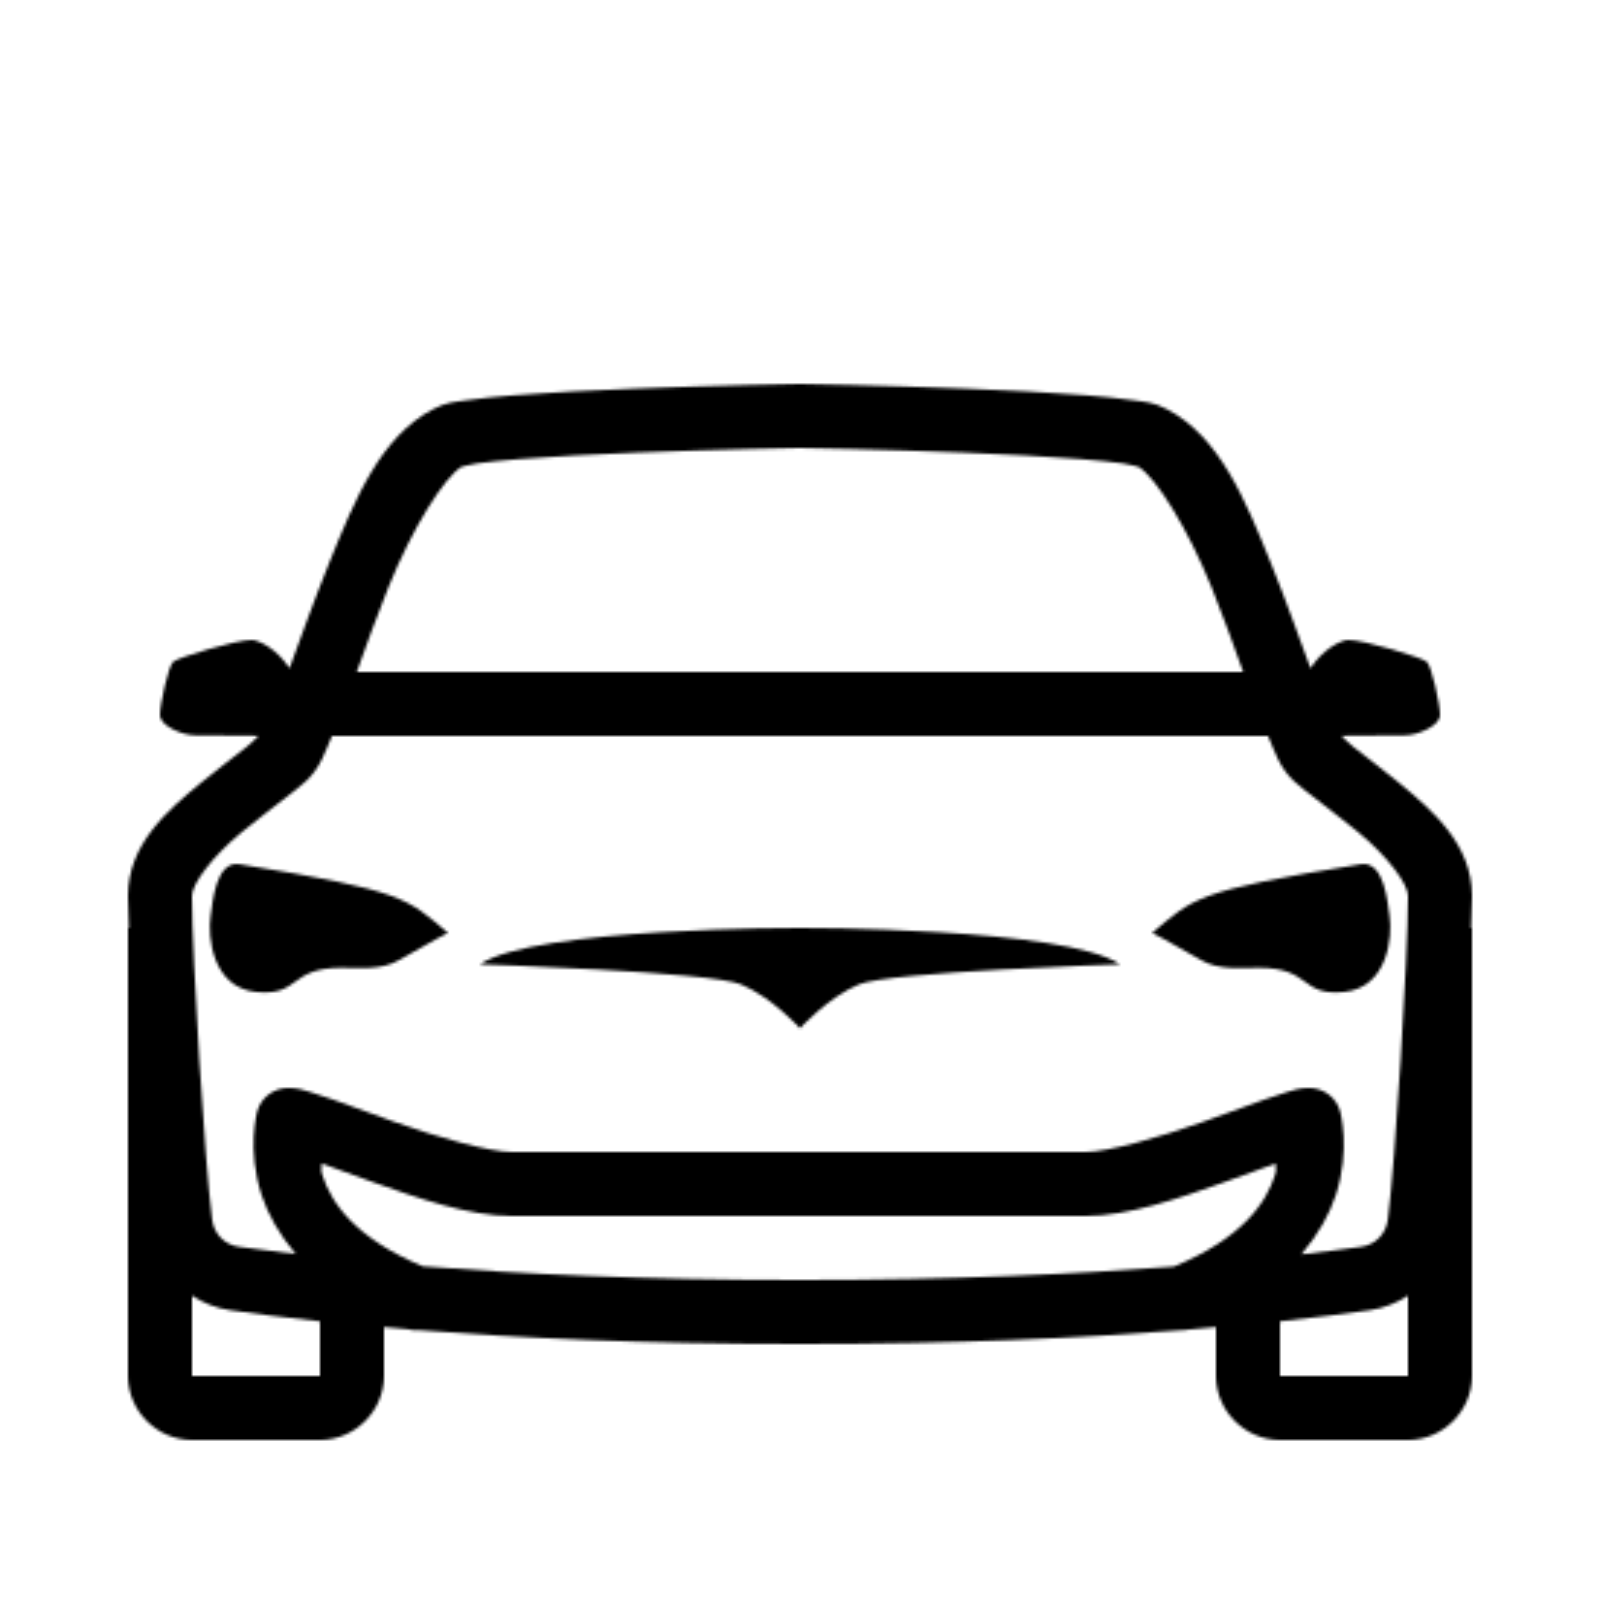 Aux Car Icon